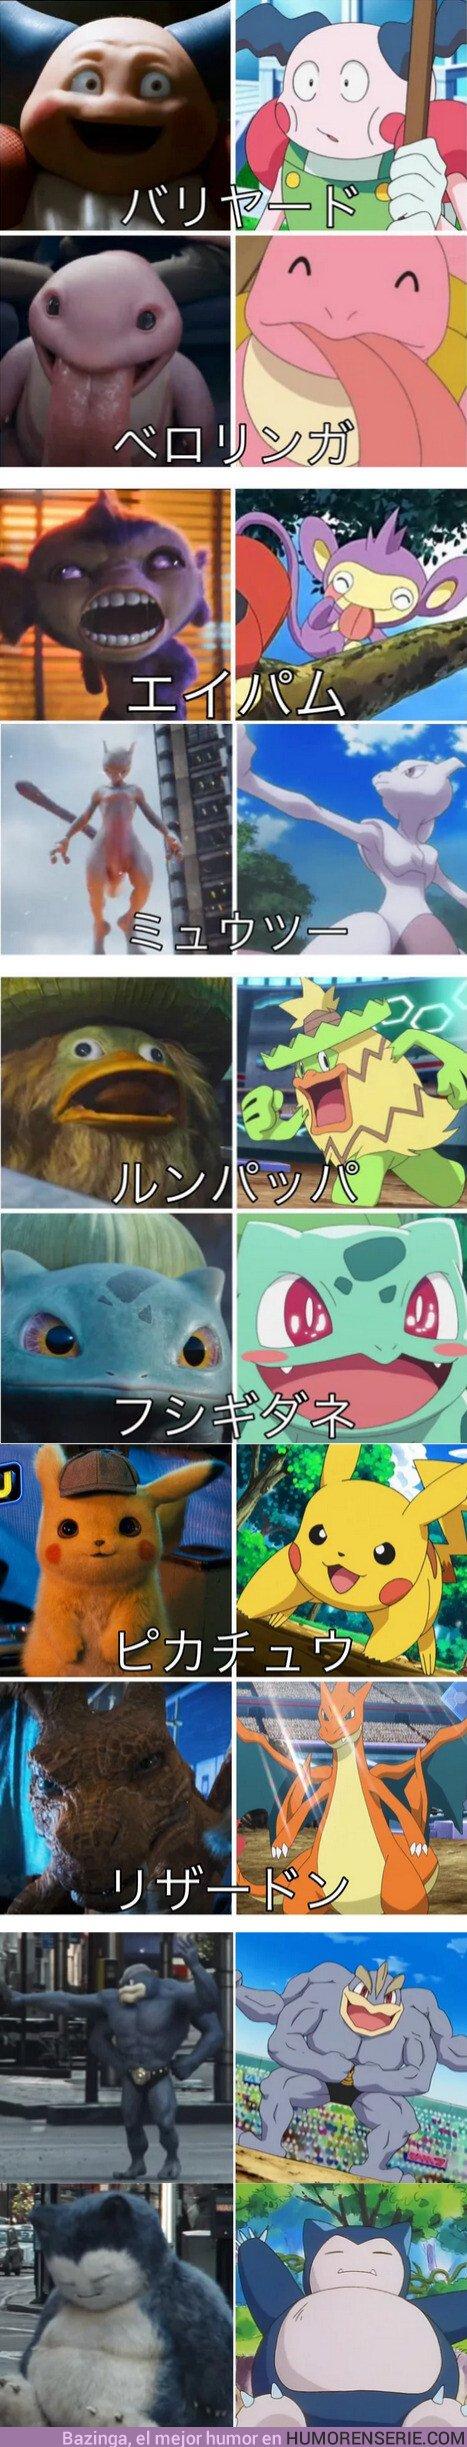 35606 - GALERÍA: Comparación de los Pokémon de la película con los del anime